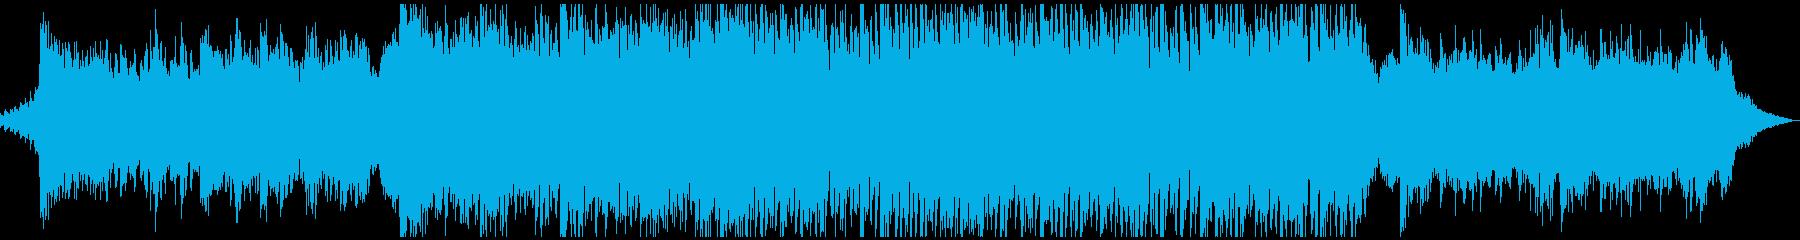 現代的 交響曲 モダン 室内楽 プ...の再生済みの波形